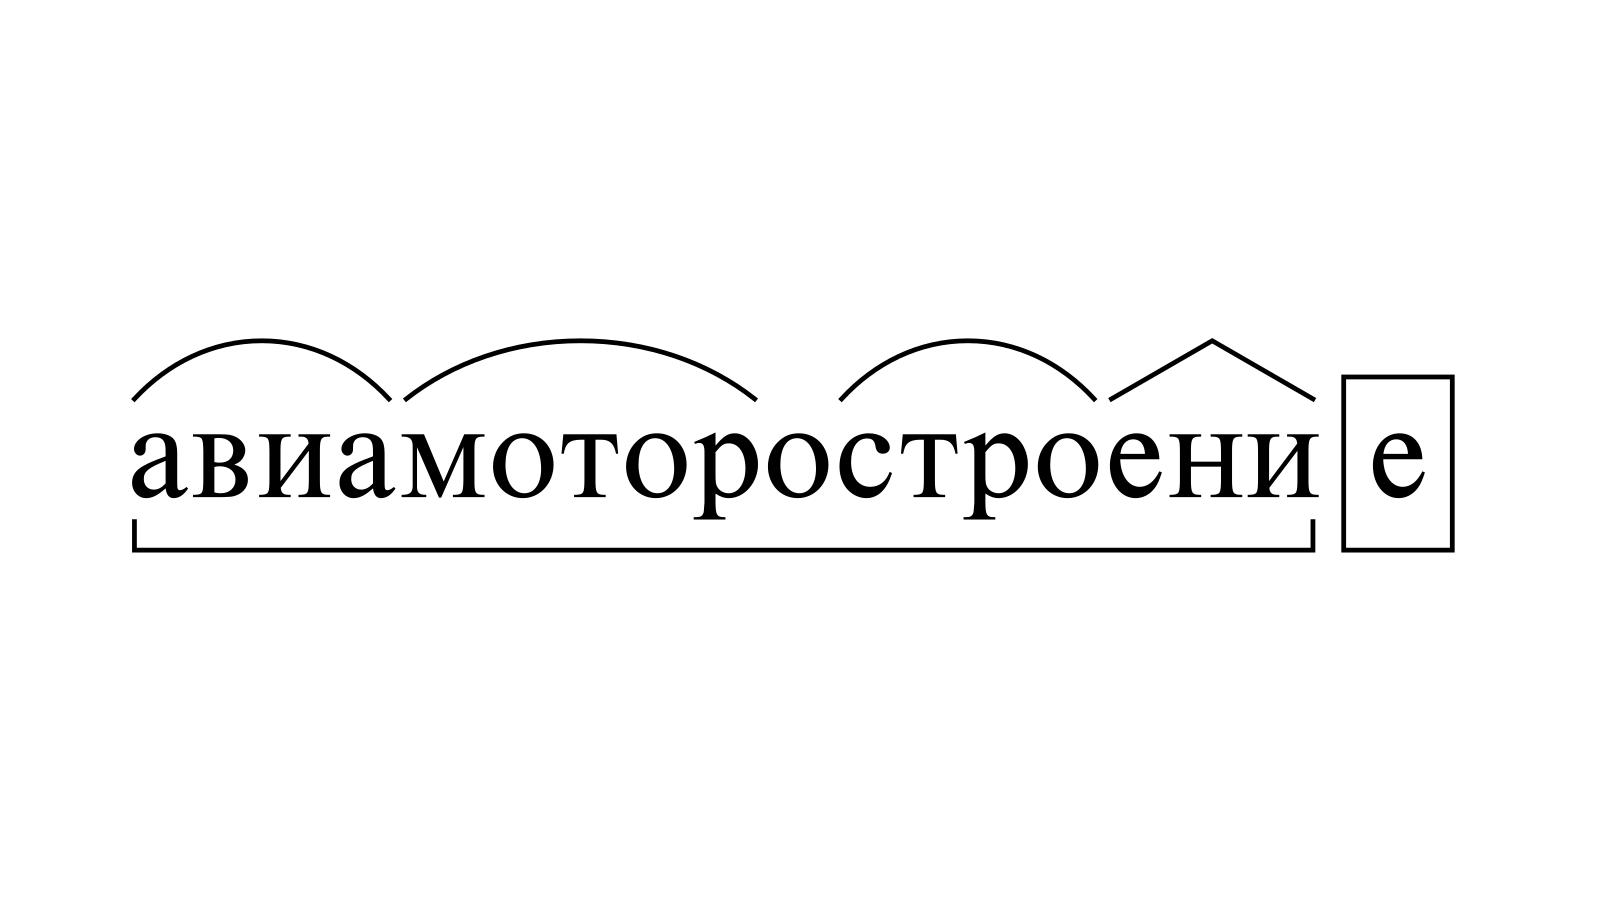 Разбор слова «авиамоторостроение» по составу